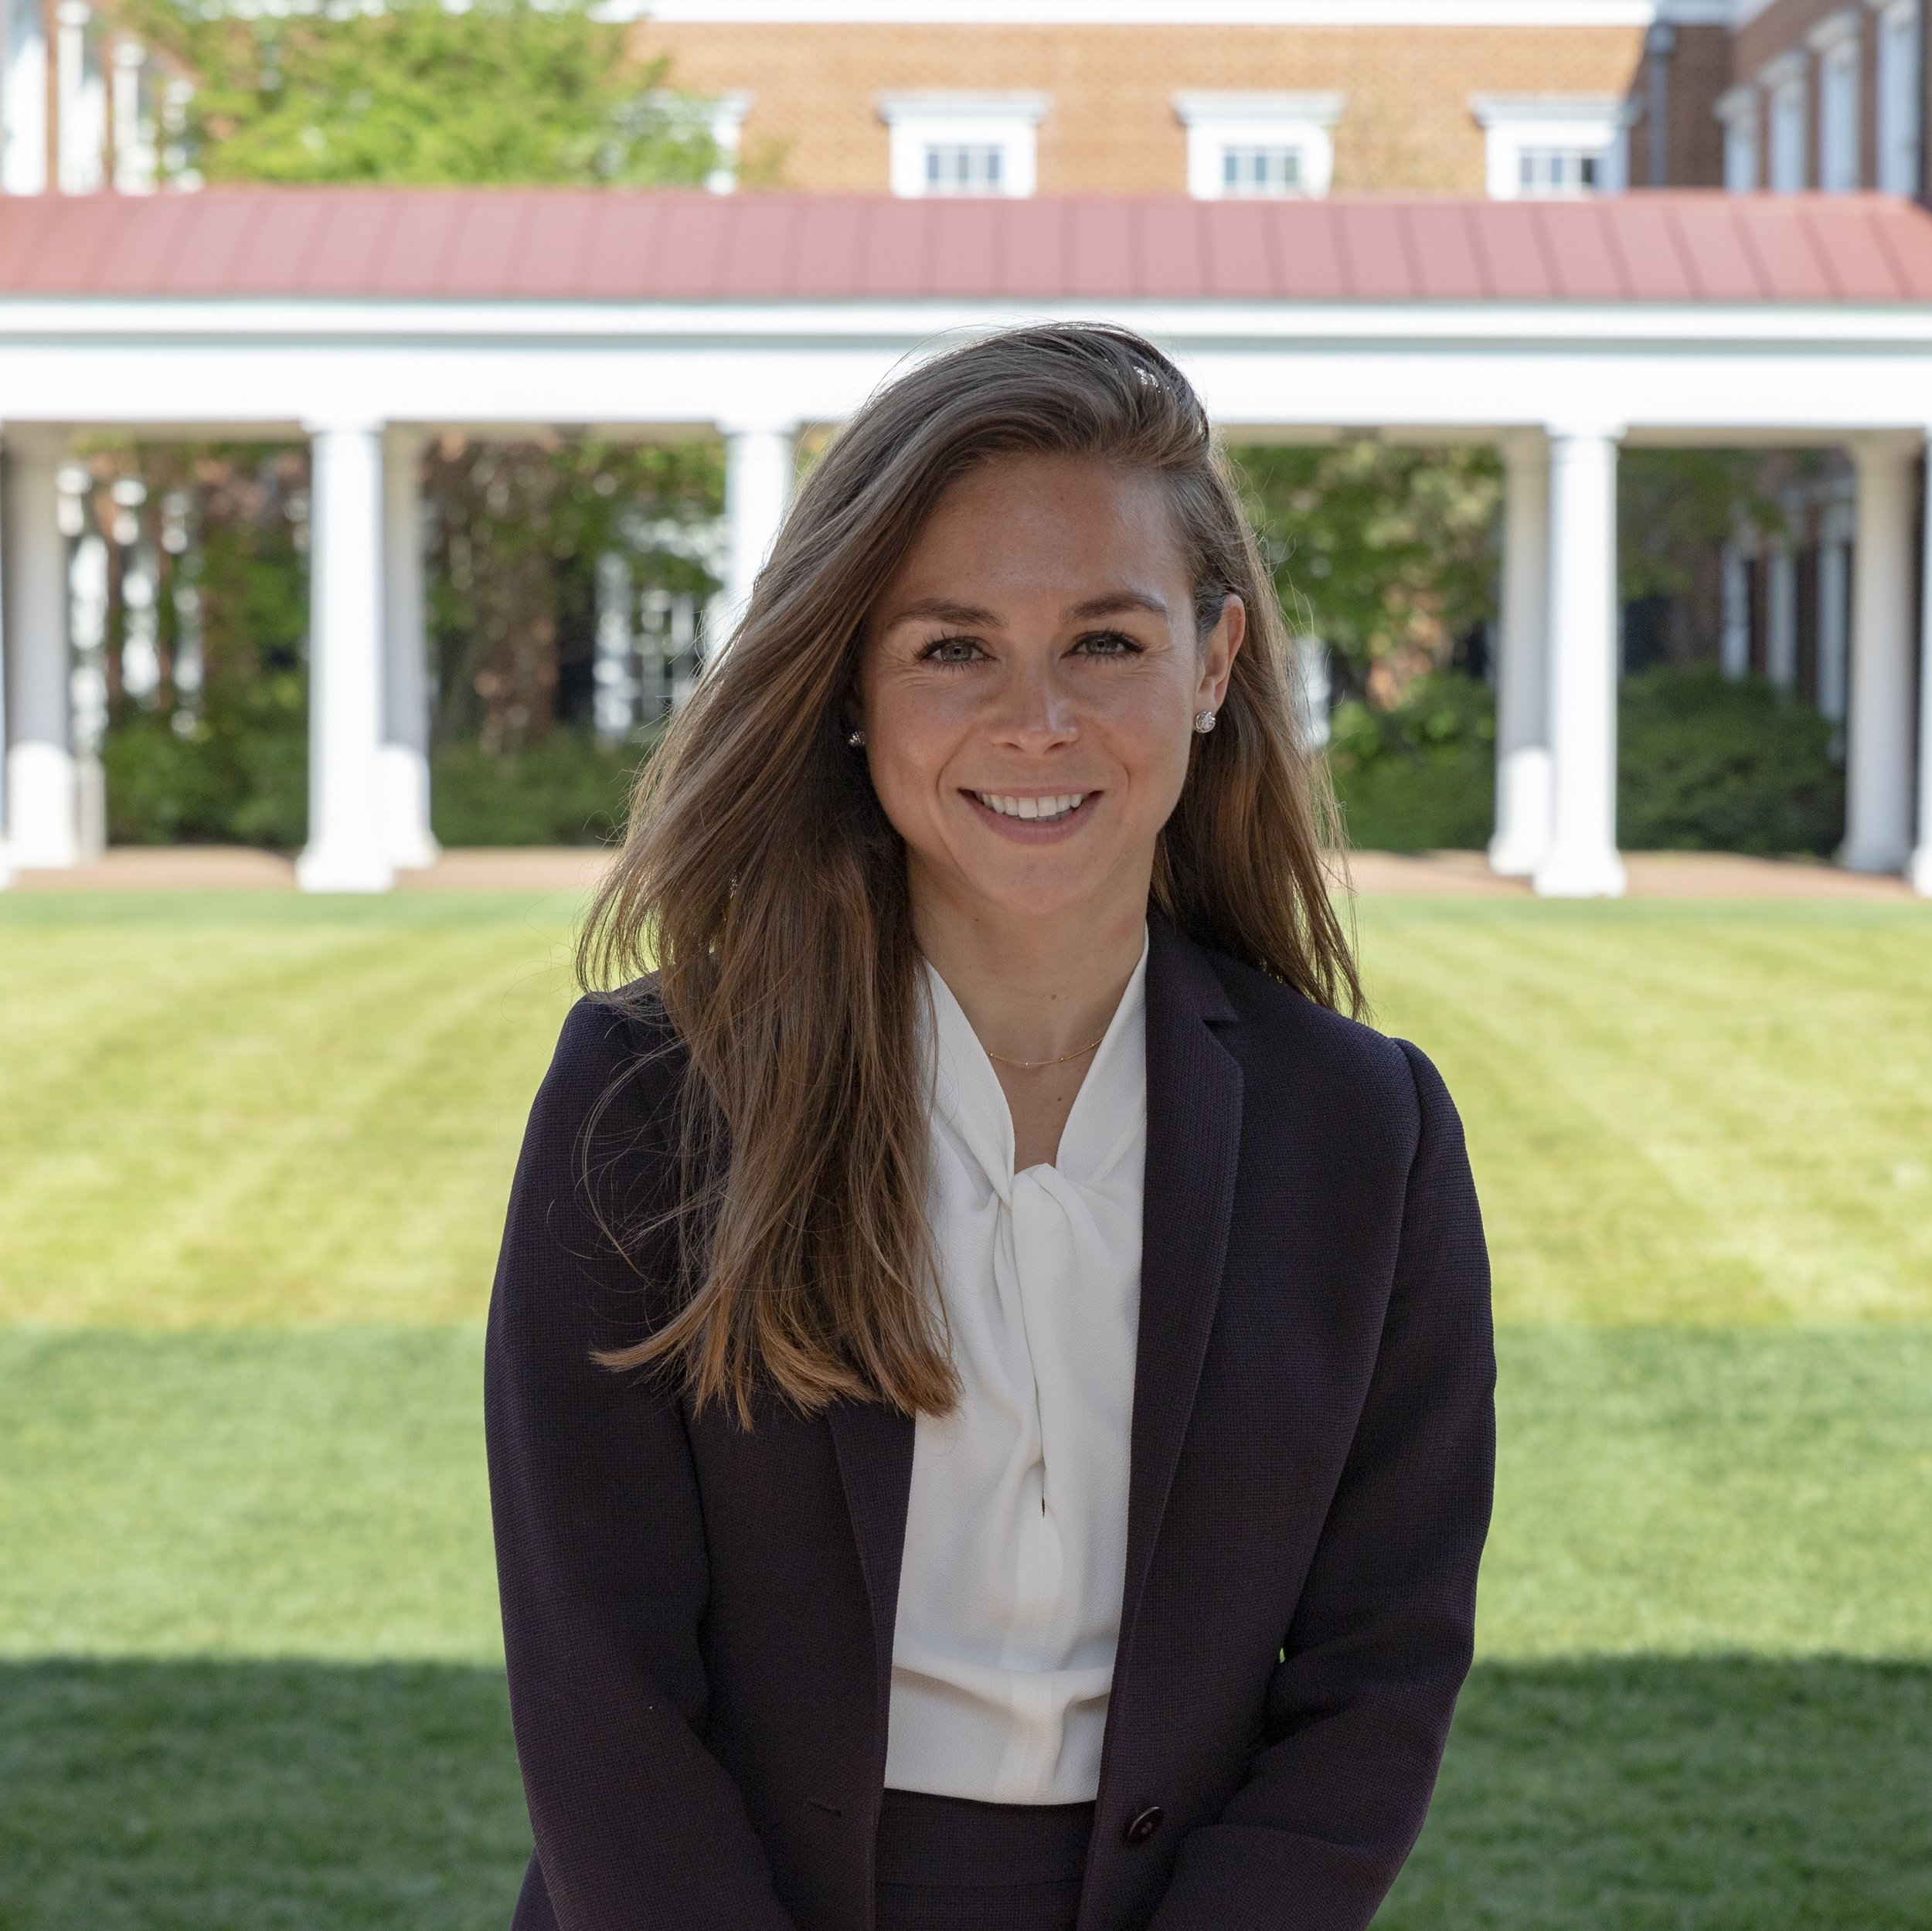 Allie Medack, President